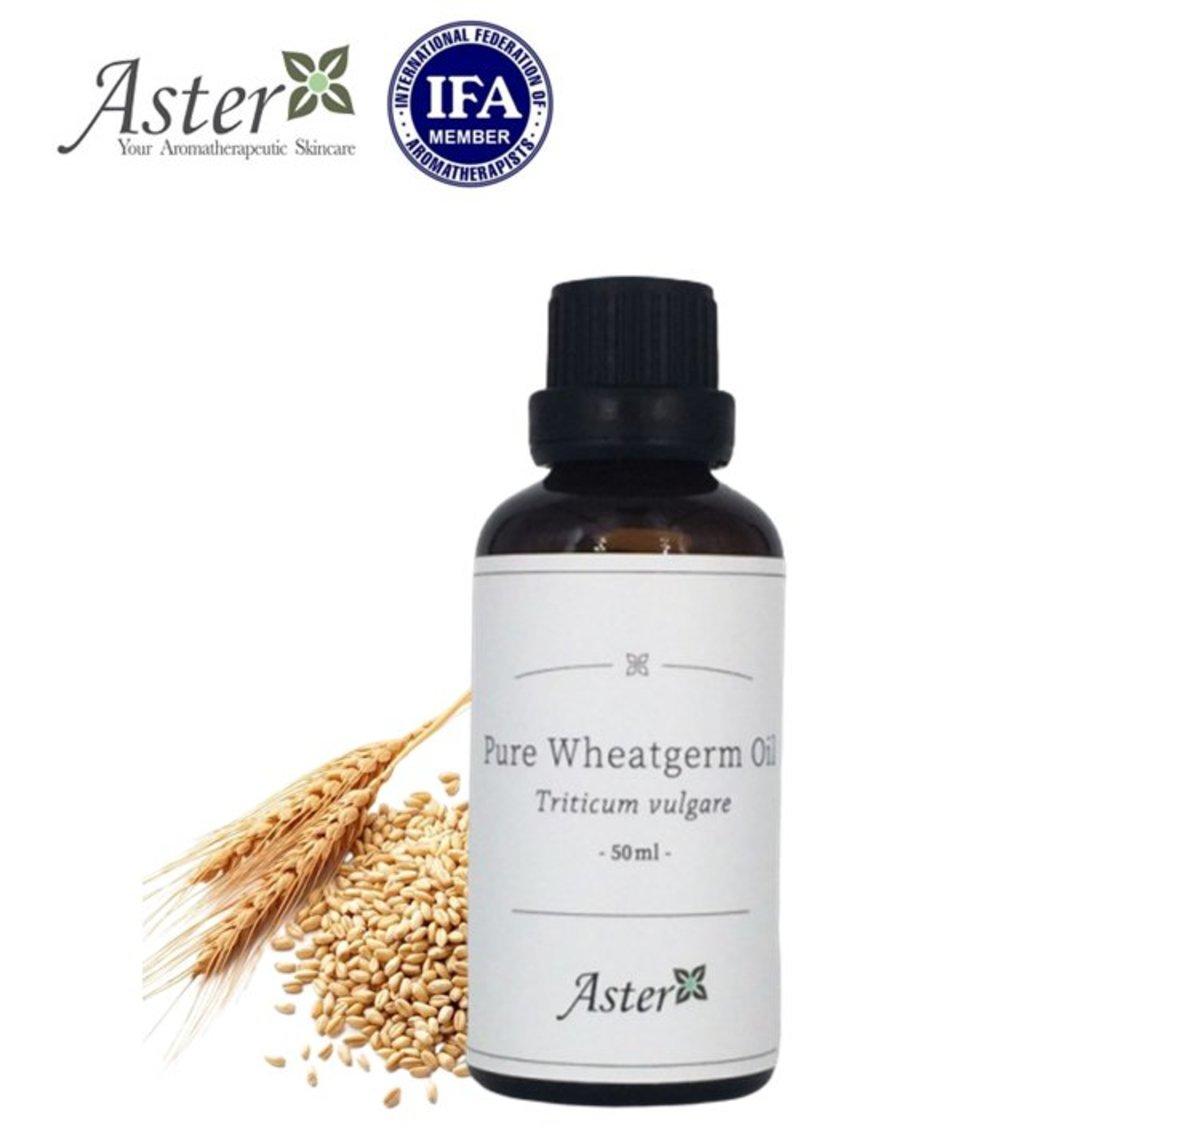 100% 純小麥胚芽油 (Triticum vulgare ) - 50ml